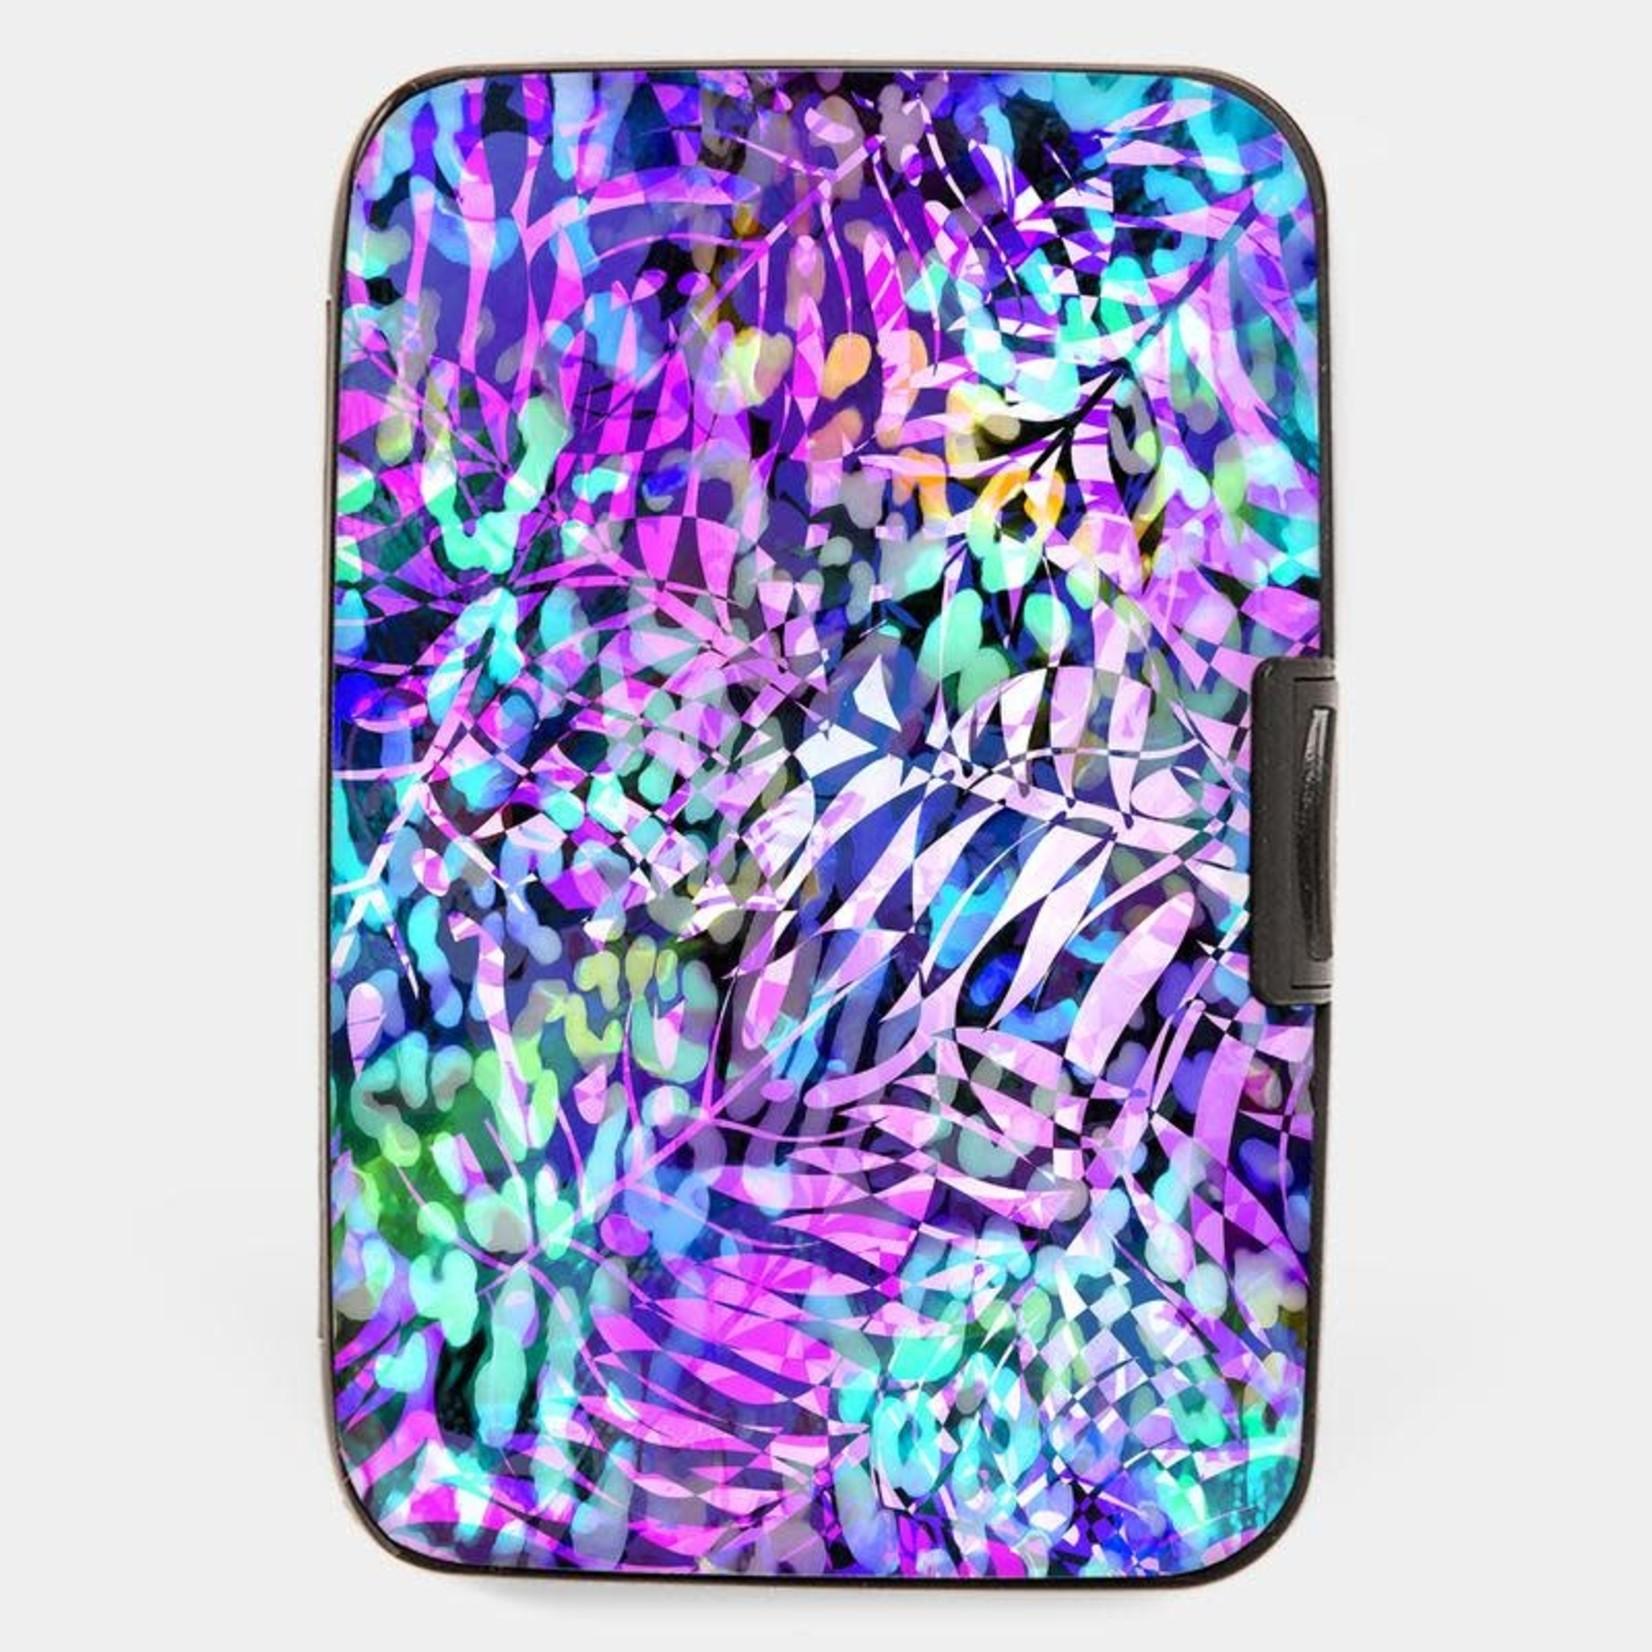 Monarque Armored Wallet - Floral Purple